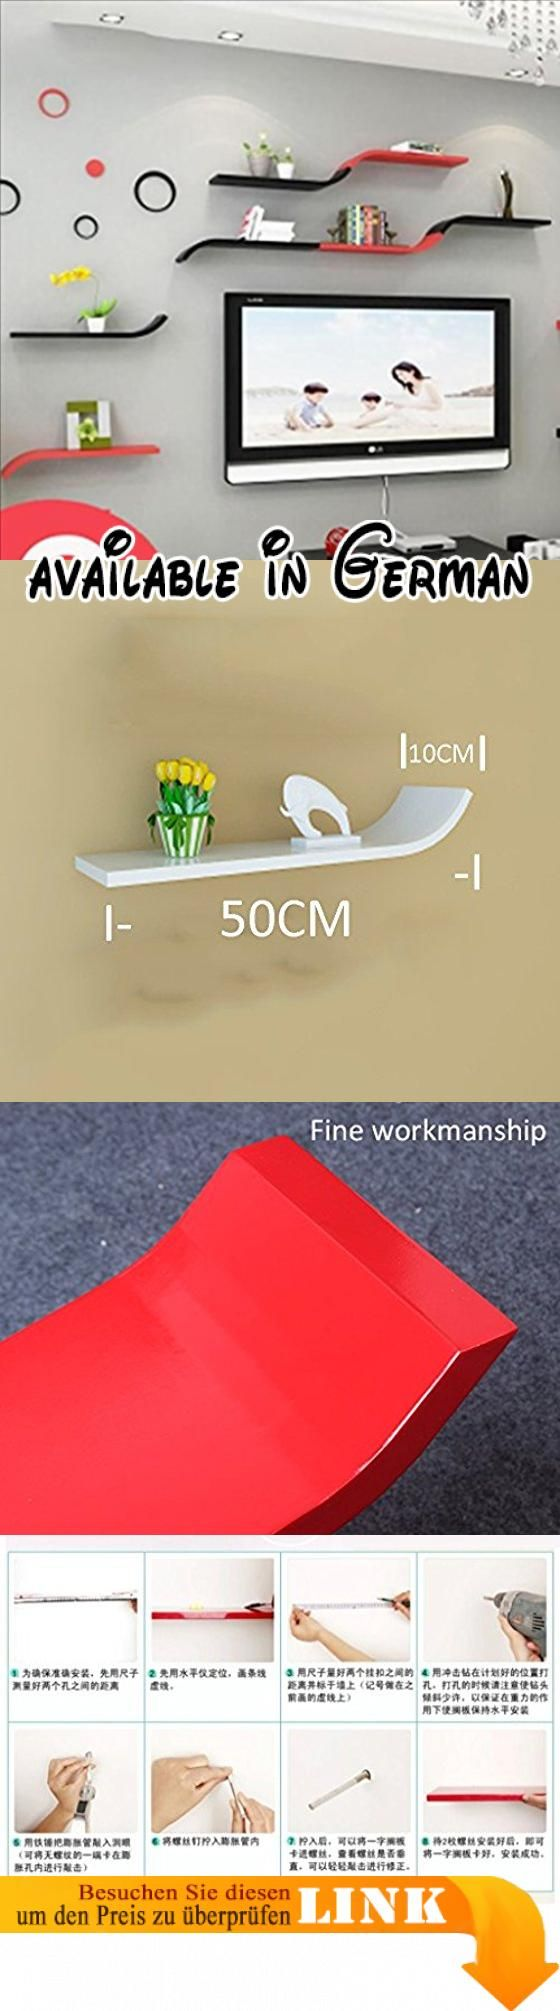 Modernes Design Schwimmende Bildanzeige Leiste Wandhalterung Regal. Einfach  Zu Montieren, Größe Wie Abgebildet, Bitte Wählen Sie Ihre Lieblingsfarbe.